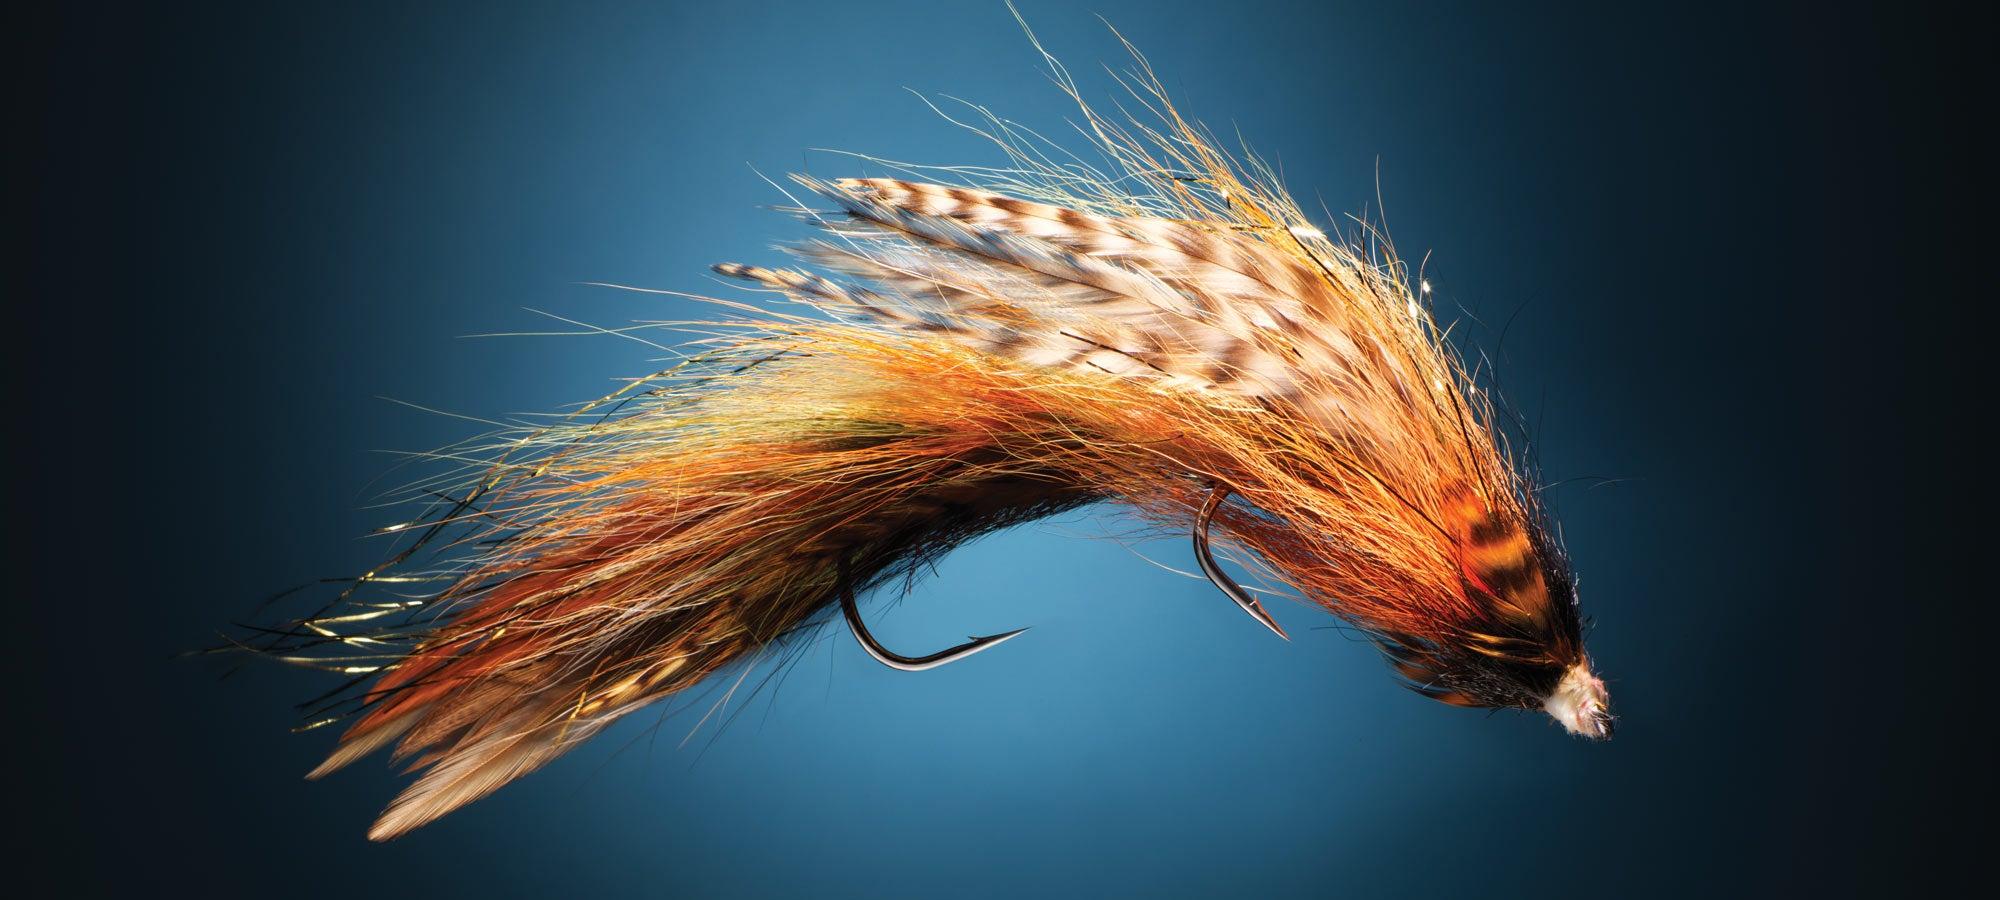 flyfishing dredge streamer